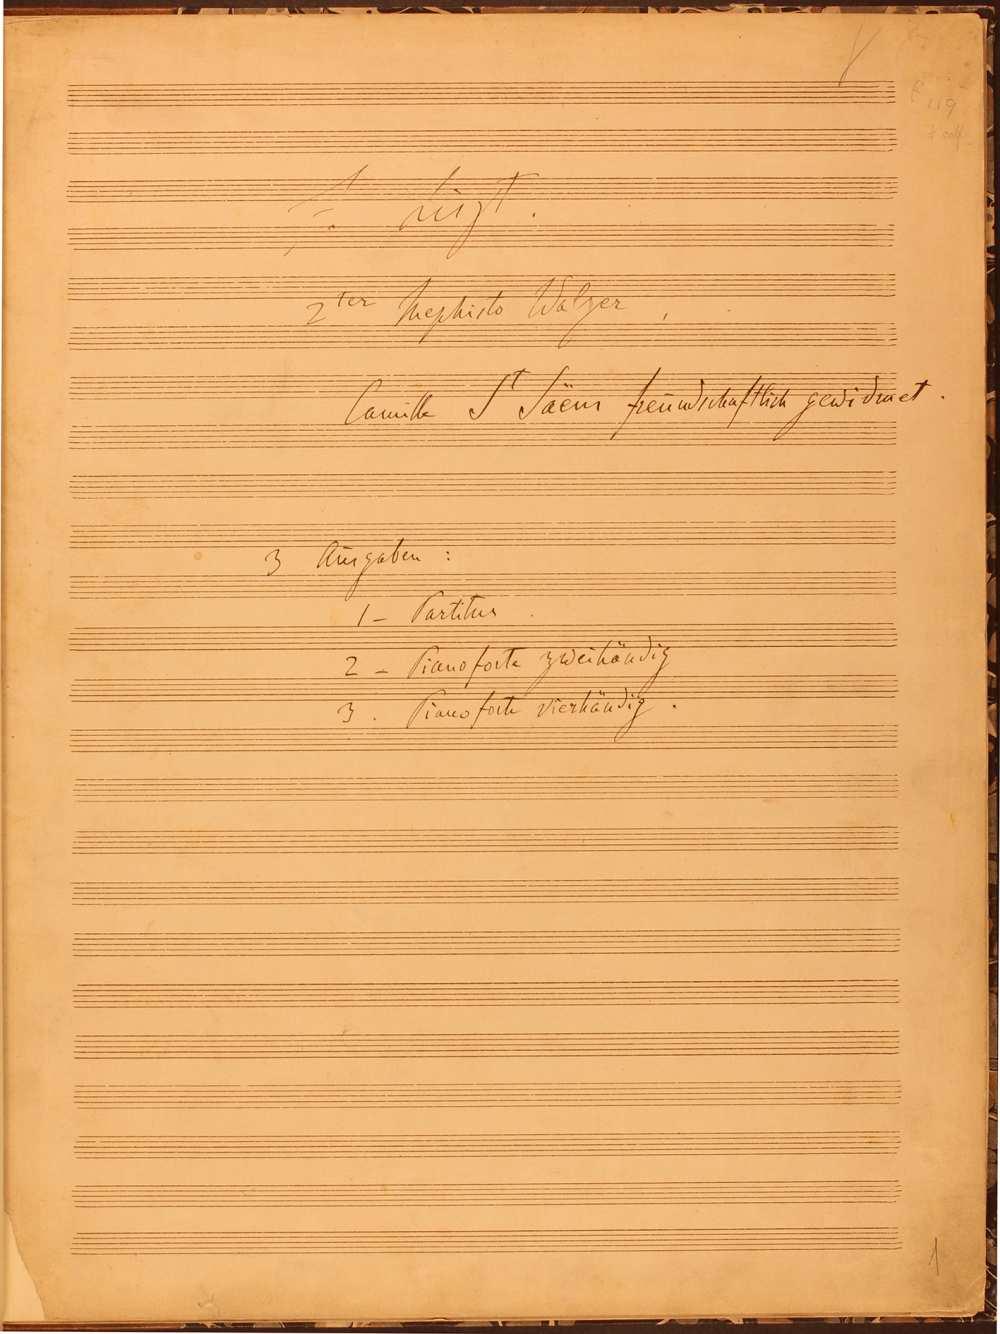 Mefisztó-keringő. A zenekarra írt változat nyomdai kézirata a szerző saját kezű címoldalával, 1881. május. – Zeneműtár, Ms. mus. 4972